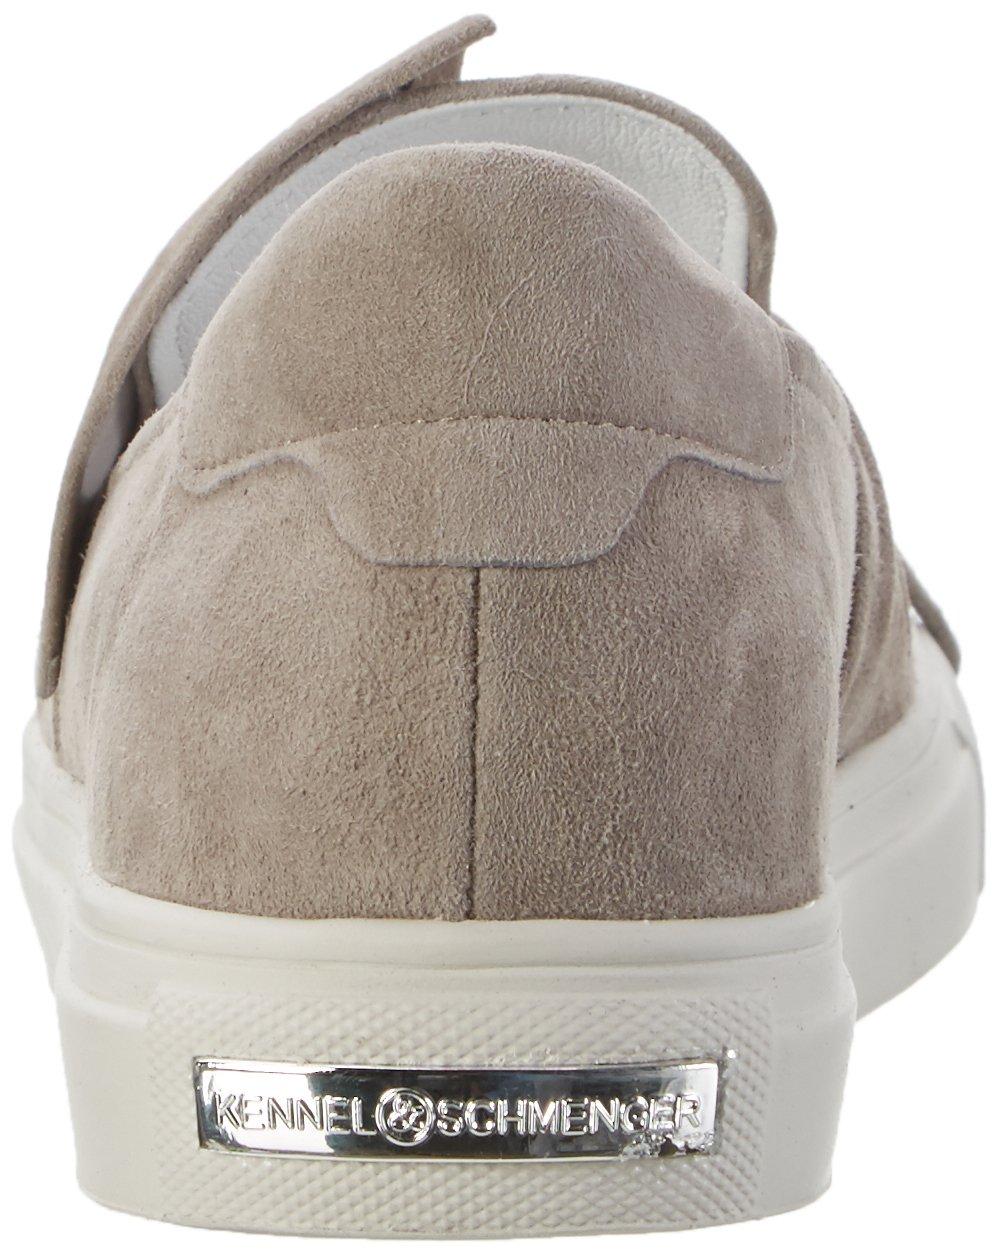 Kennel und Schmenger Schuhmanufaktur Damen Basket Weißs) Sneakers Grau (Ghost Sohle Weißs) Basket 324372